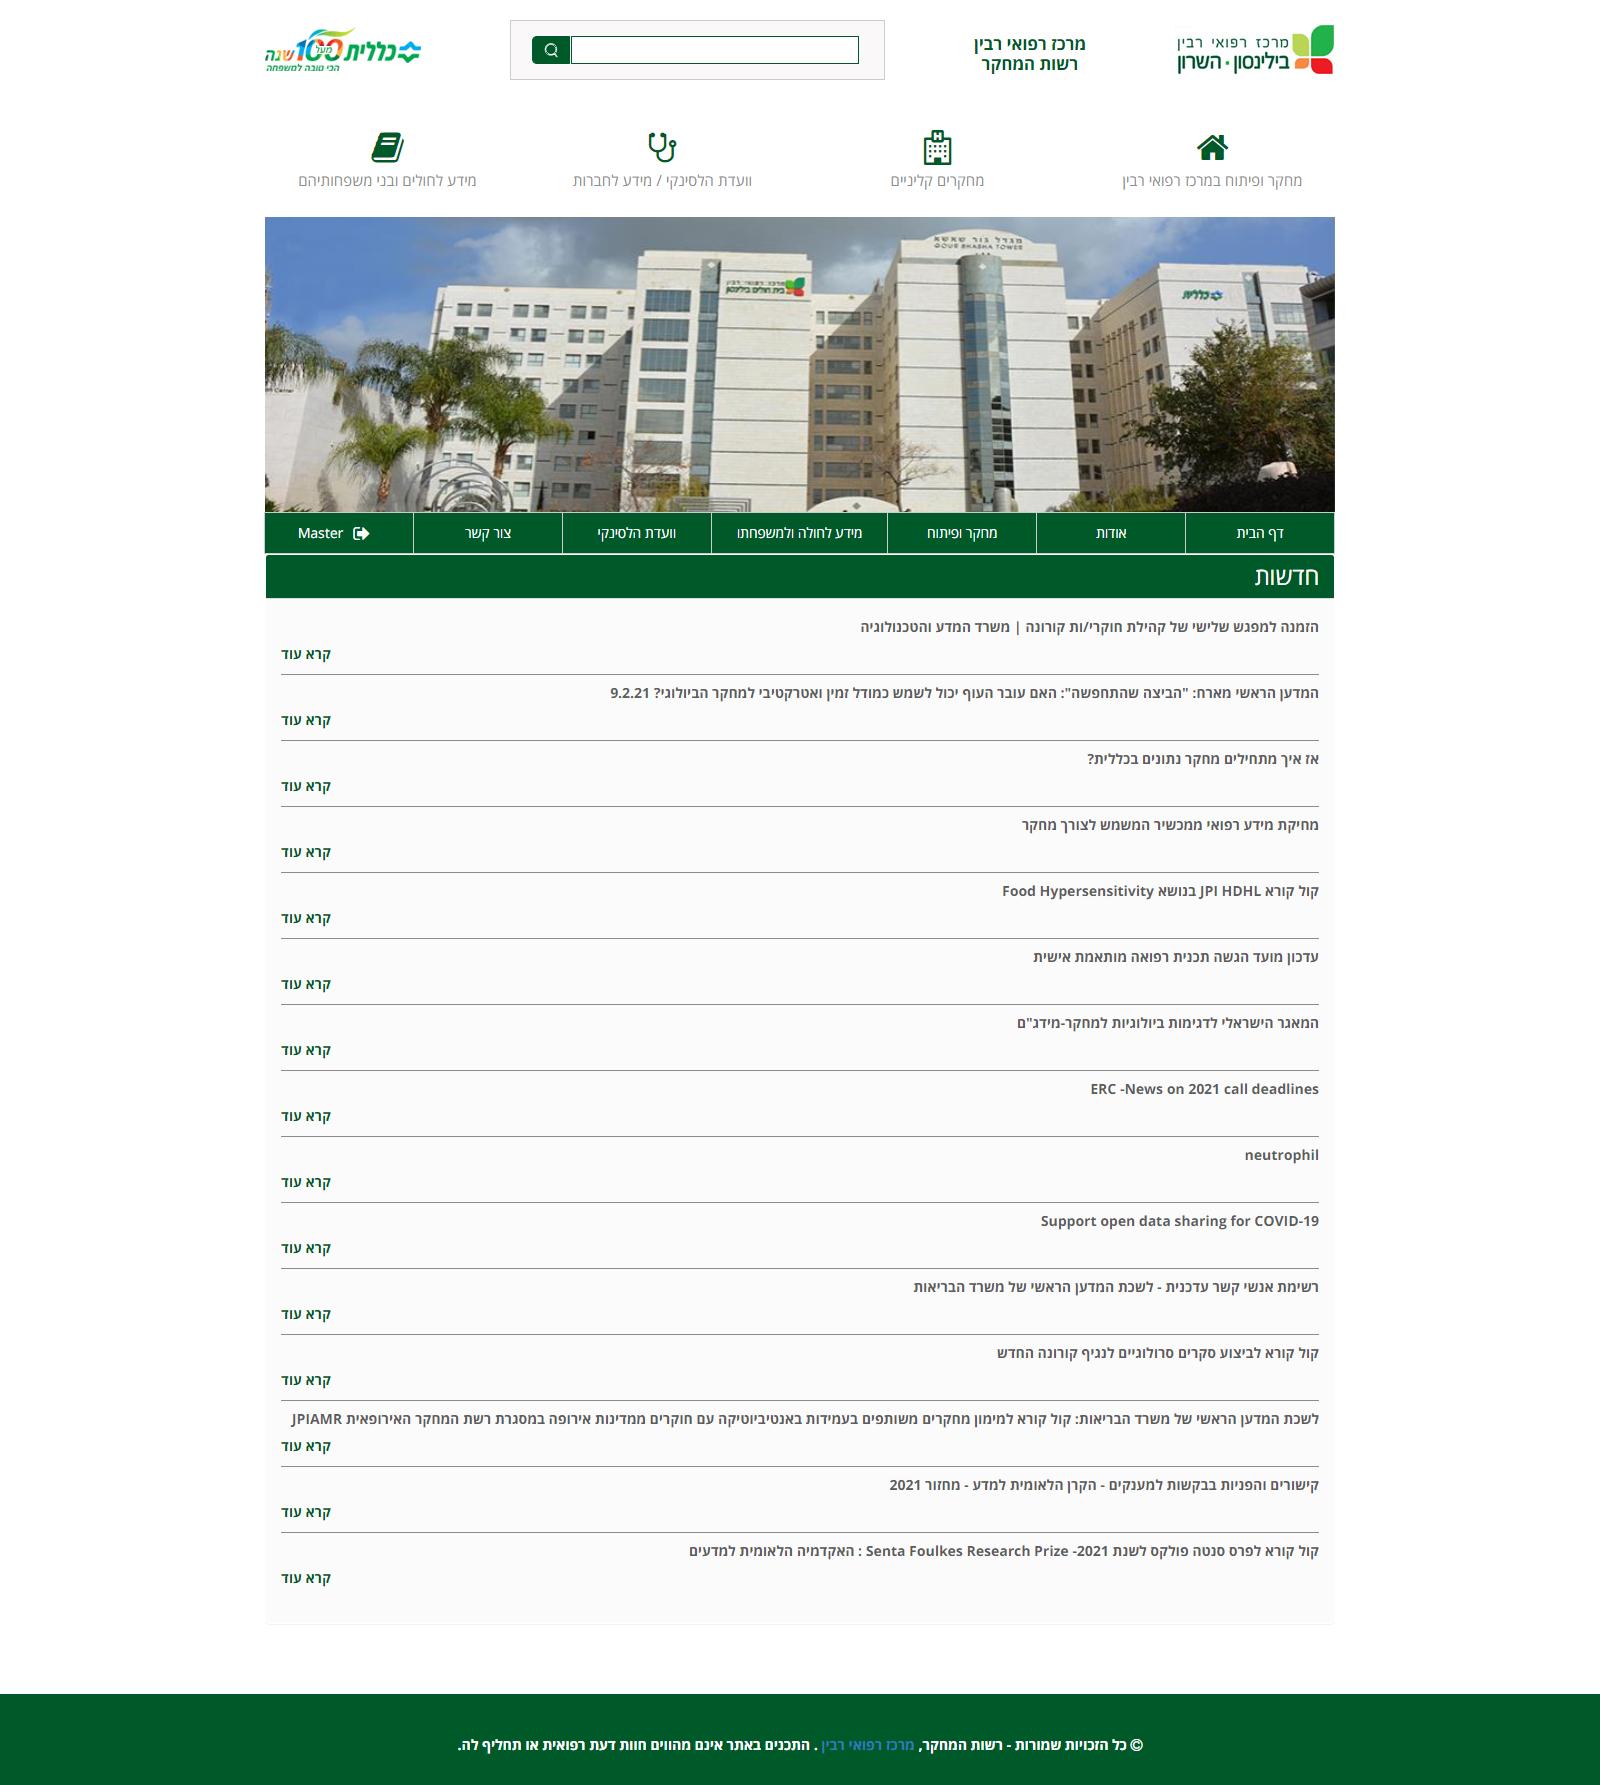 מרכז רפואי רבין - רשות המחקר